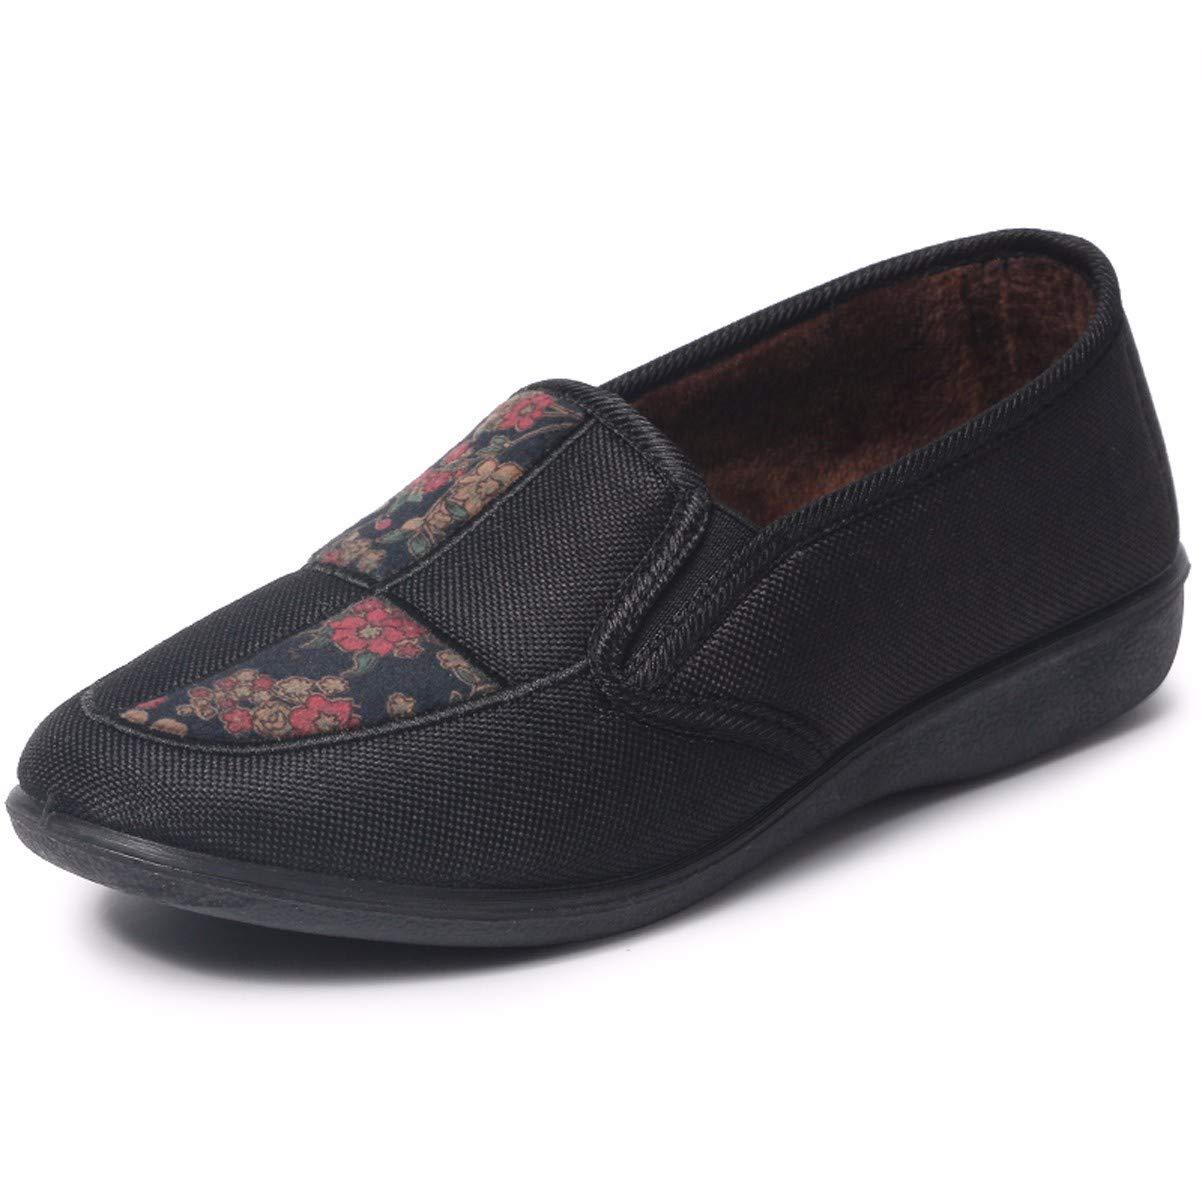 Gules Forty HBDLH Chaussures pour Femmes Le Vieux Pékin Vieille Mère Tissu Chaussures D'Âge Moyen Et Les Chaussures l'hiver Au Chaud Fond Mou Dérapage Coton Chaussures Chaussures Confort Grand - Mère